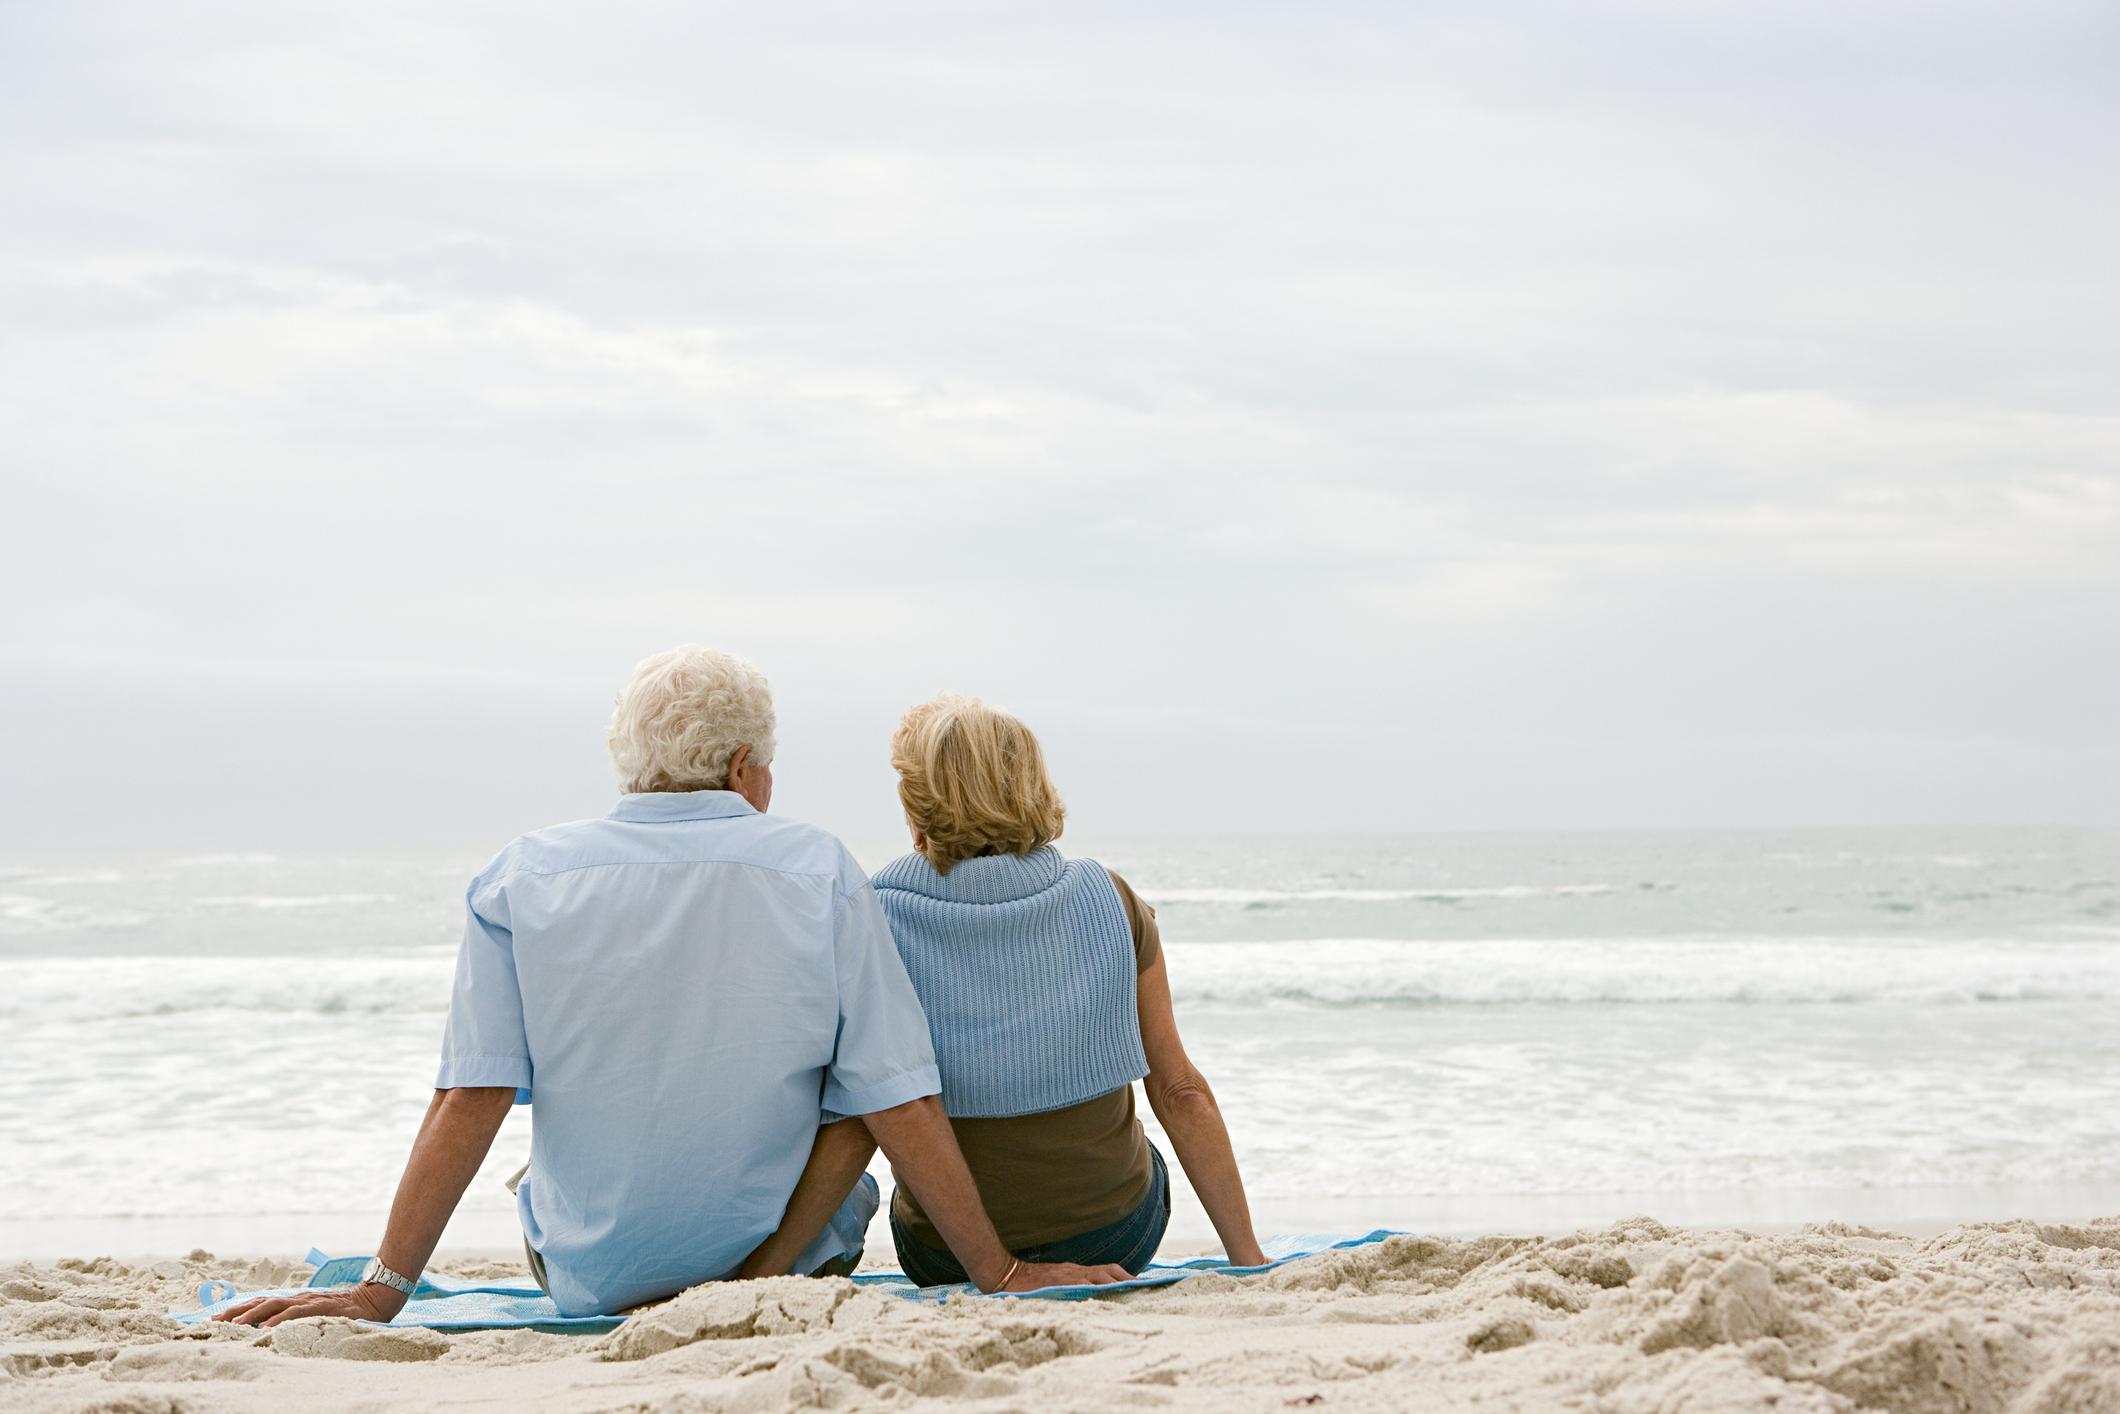 Senior couple at the beach, facing the ocean